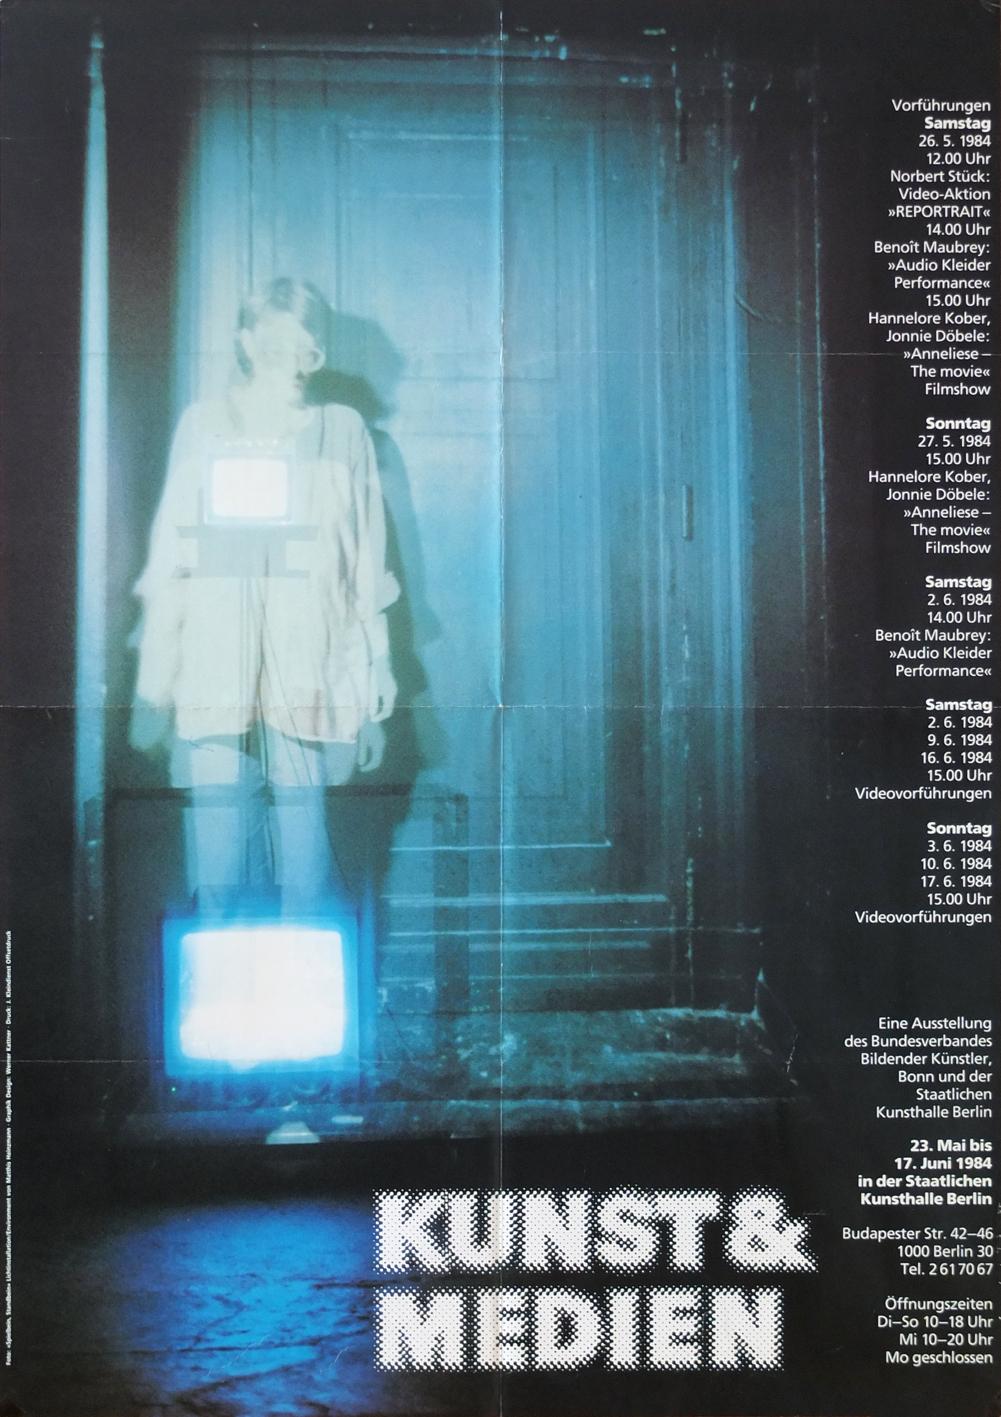 Photo: Ausstellungsplakat KUNST & MEDIEN Staatliche Kunsthalle Berlin 22. Mai - 17. Juni 1984  DIN-A1, 89,5 x59,5 cm